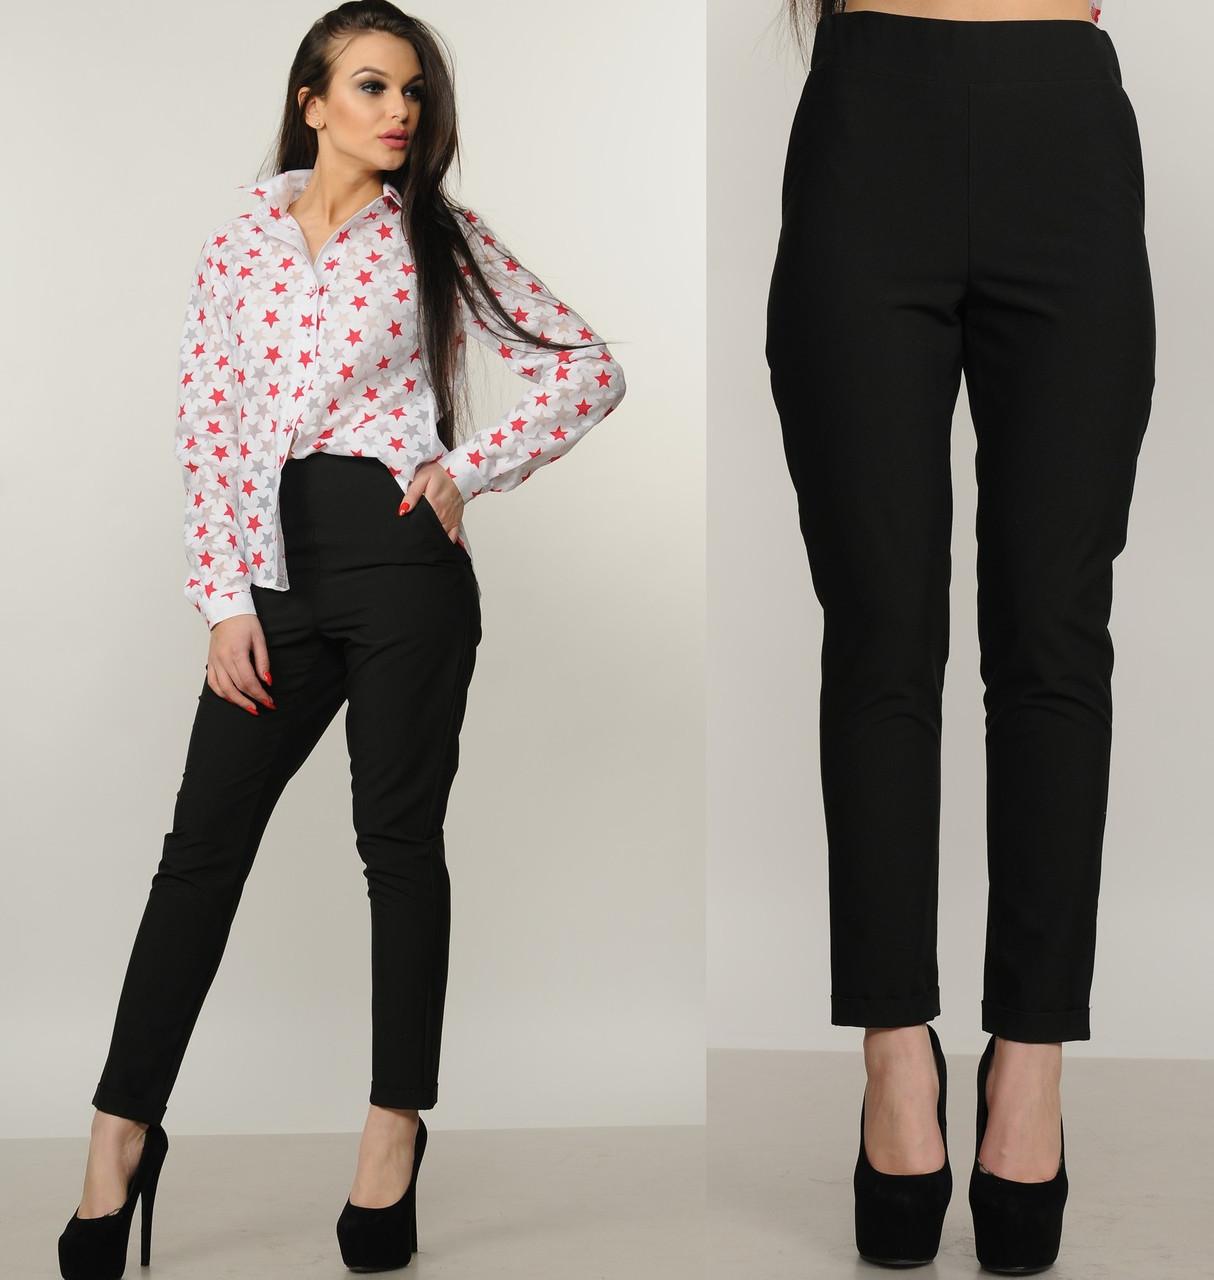 7d4ae6a01768 Брюки сигареты с высокой посадкой женские зауженные черные штаны с  карманами на ...